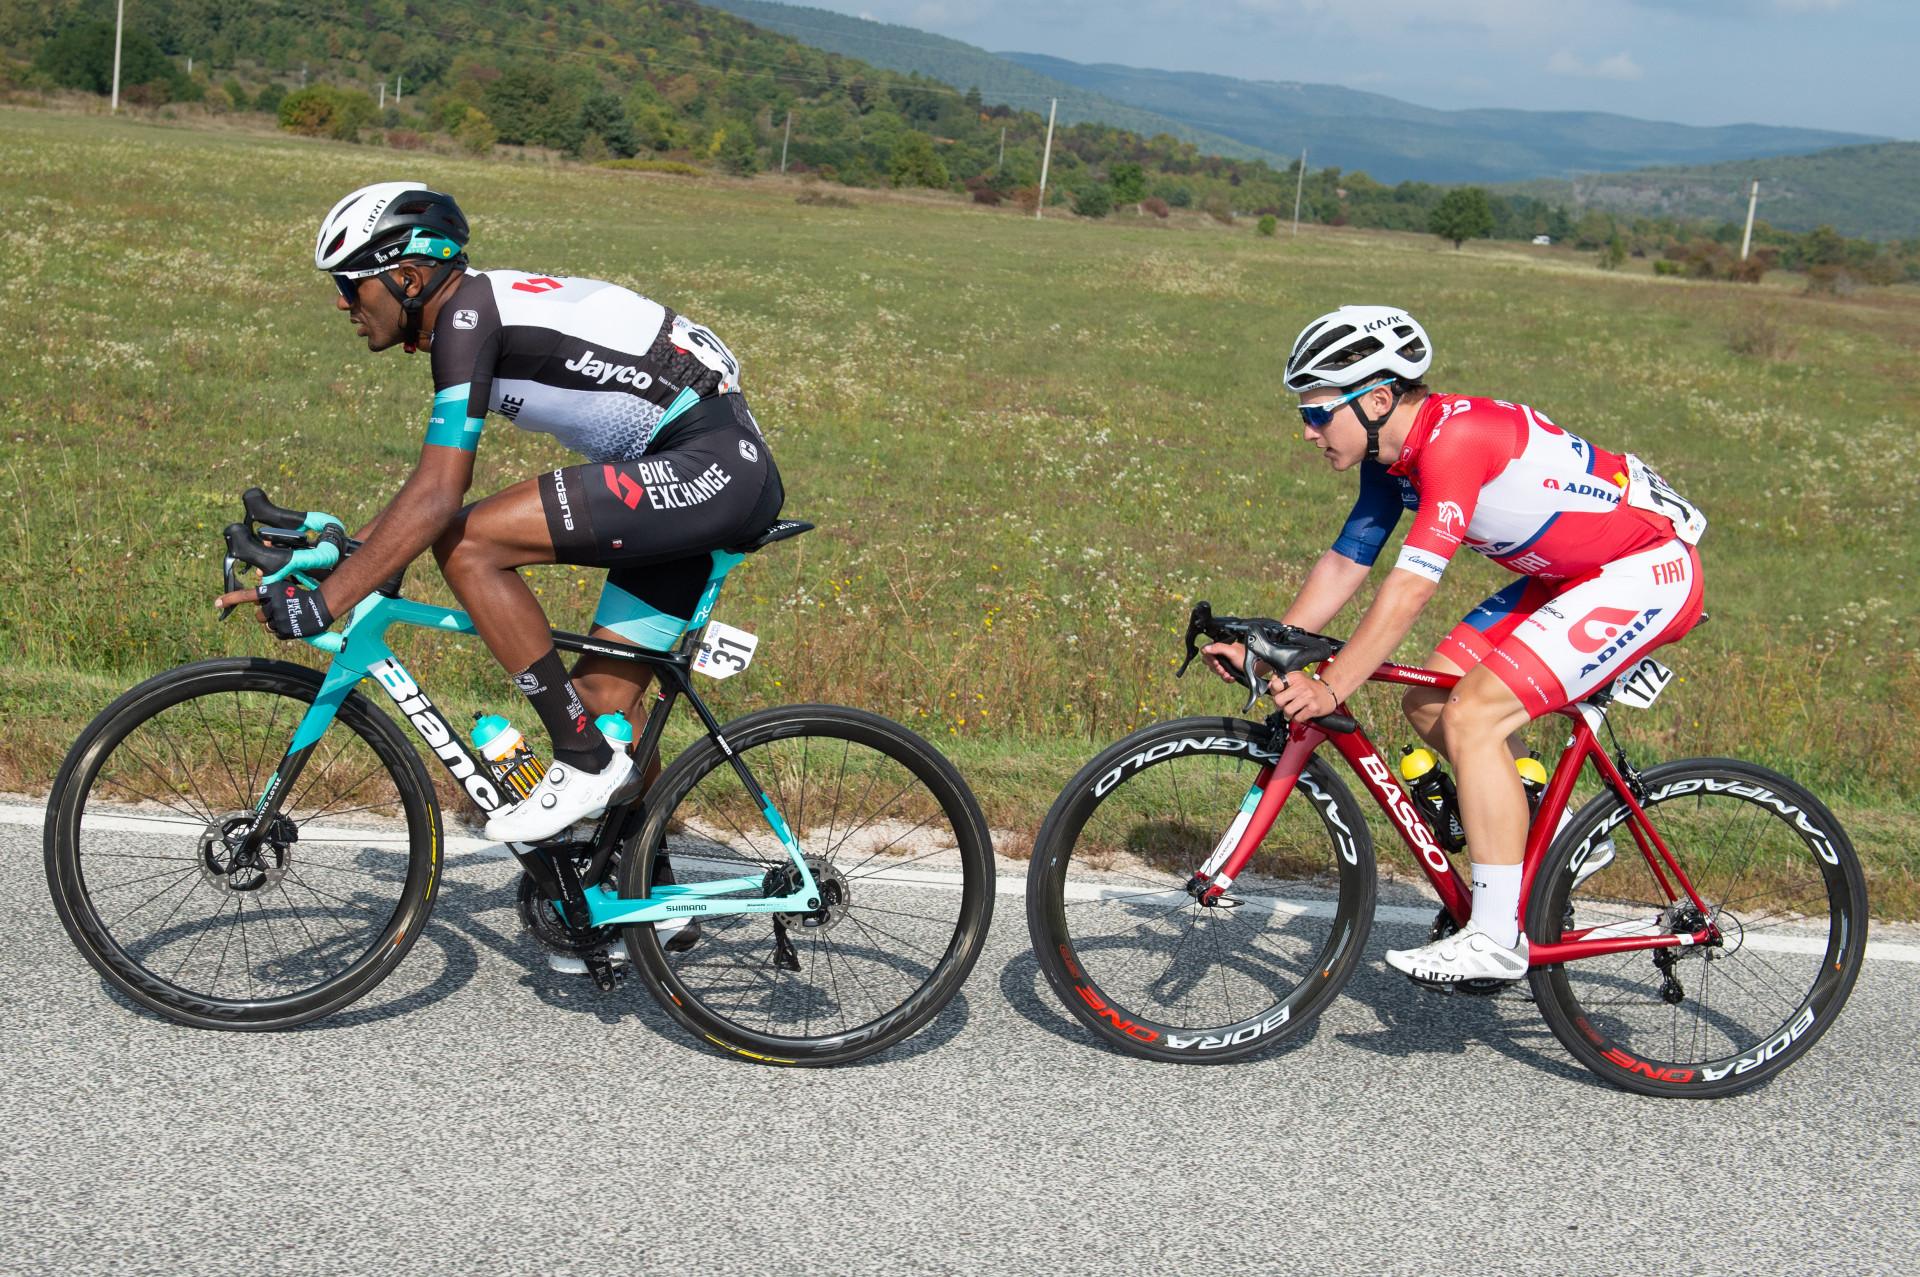 Valverde zmagal in nato padel, Glivar že blizu bele majice